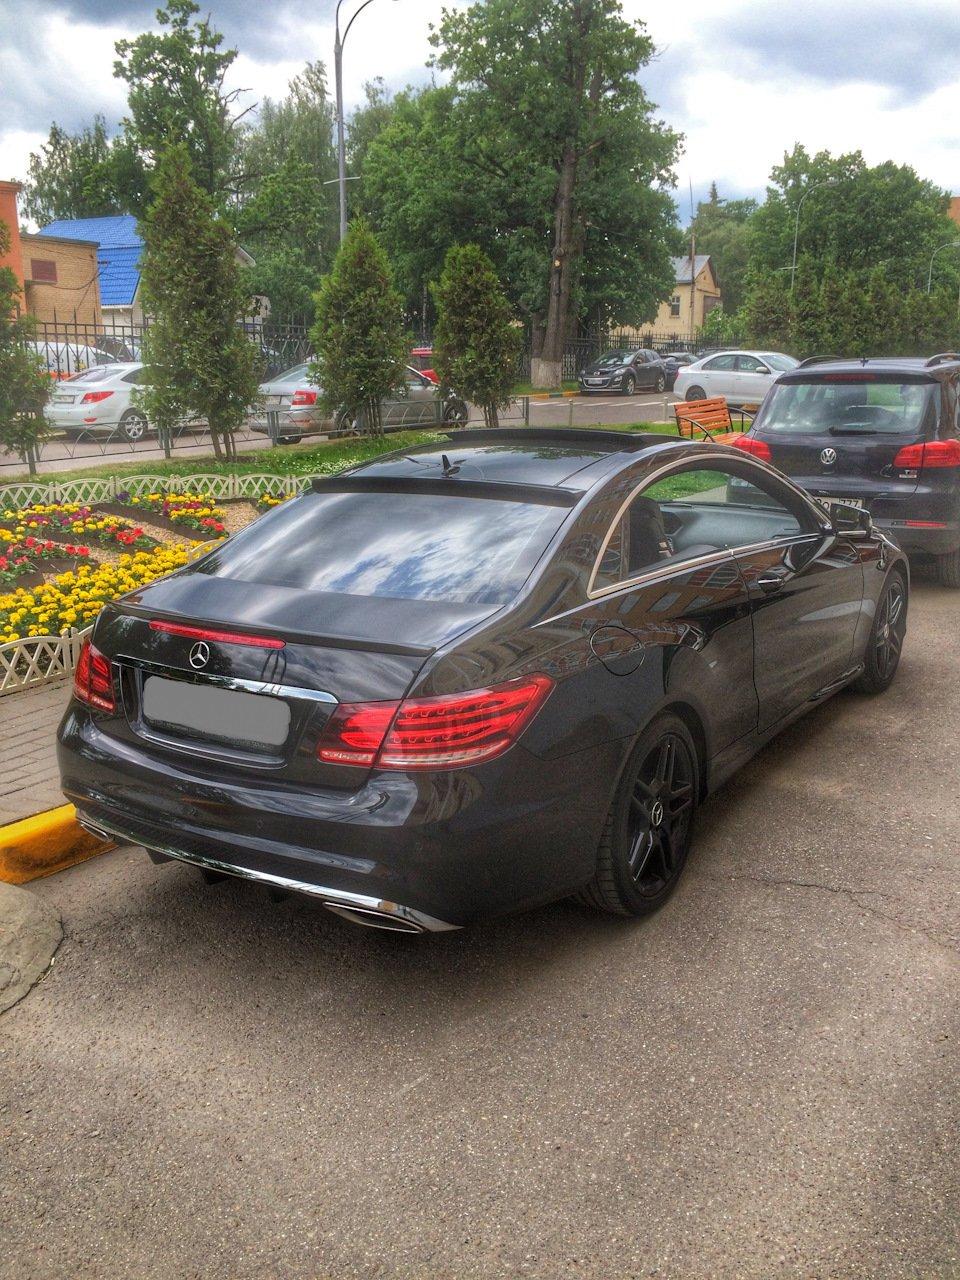 Mercedes-Benz E-class Coupe (C207) (6)